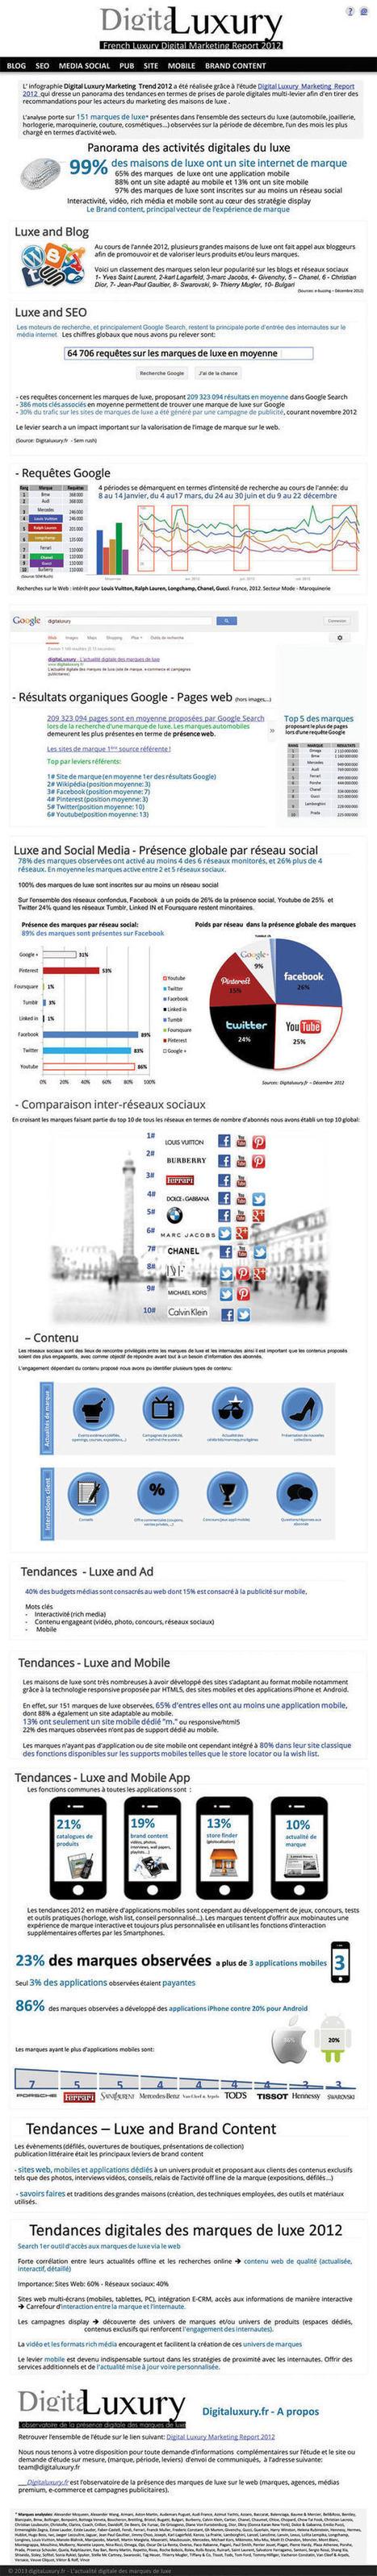 Infographie : les données clés du luxe sur le digital, par Digitaluxury | Digital Luxury Marketing & E-commerce | Scoop.it